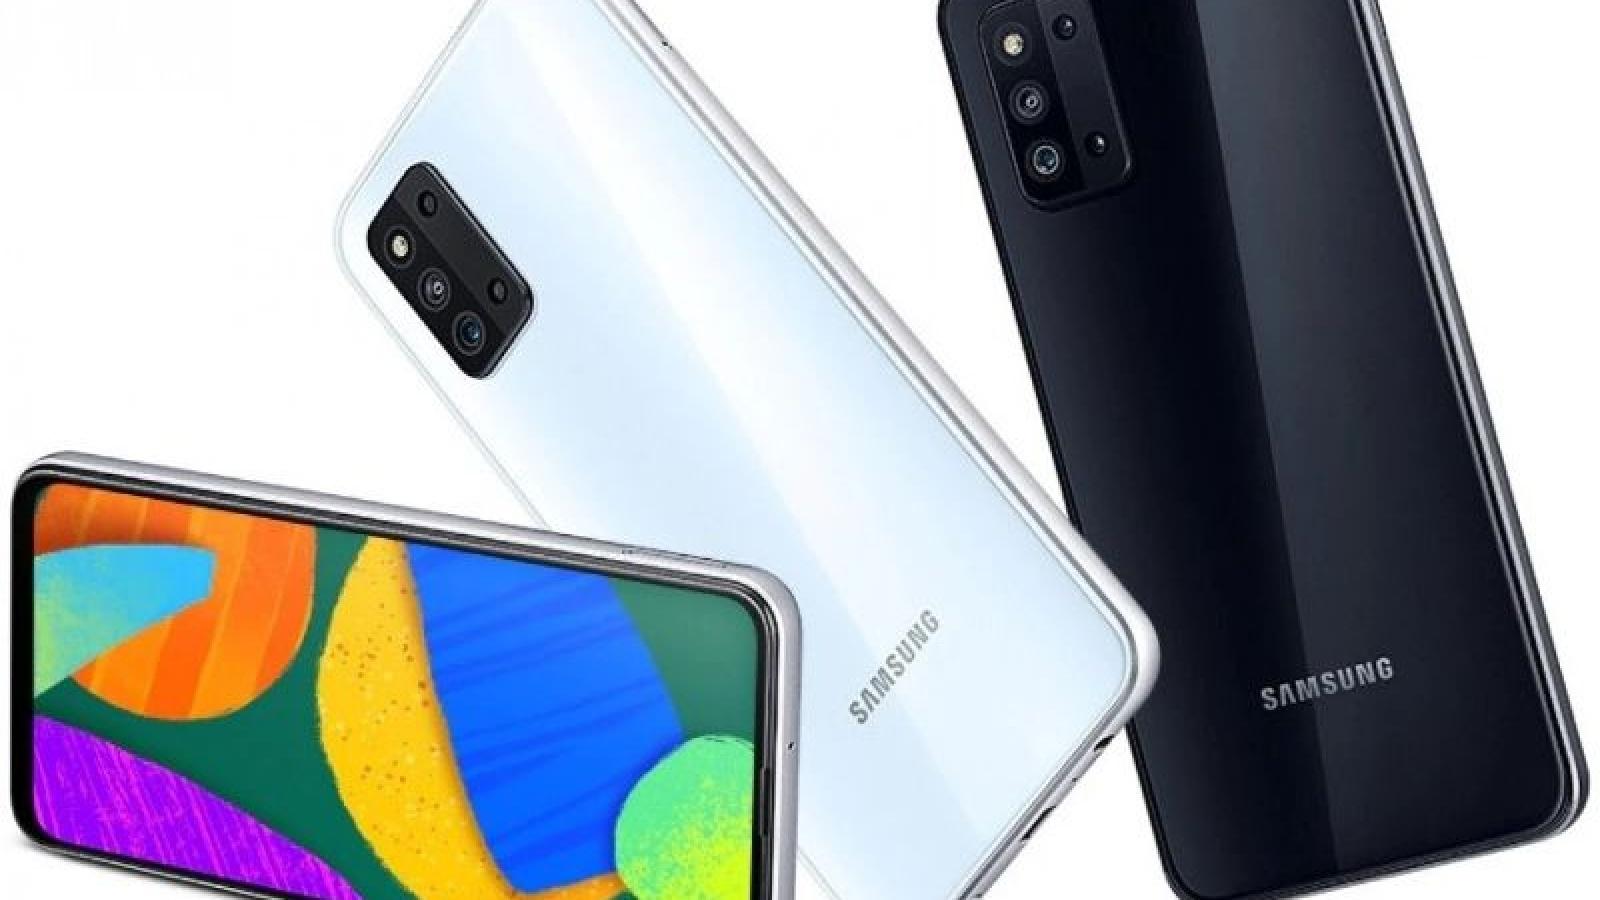 Samsung ra mắt smartphone 5G giá rẻ với RAM 8 GB, màn hình siêu mượt